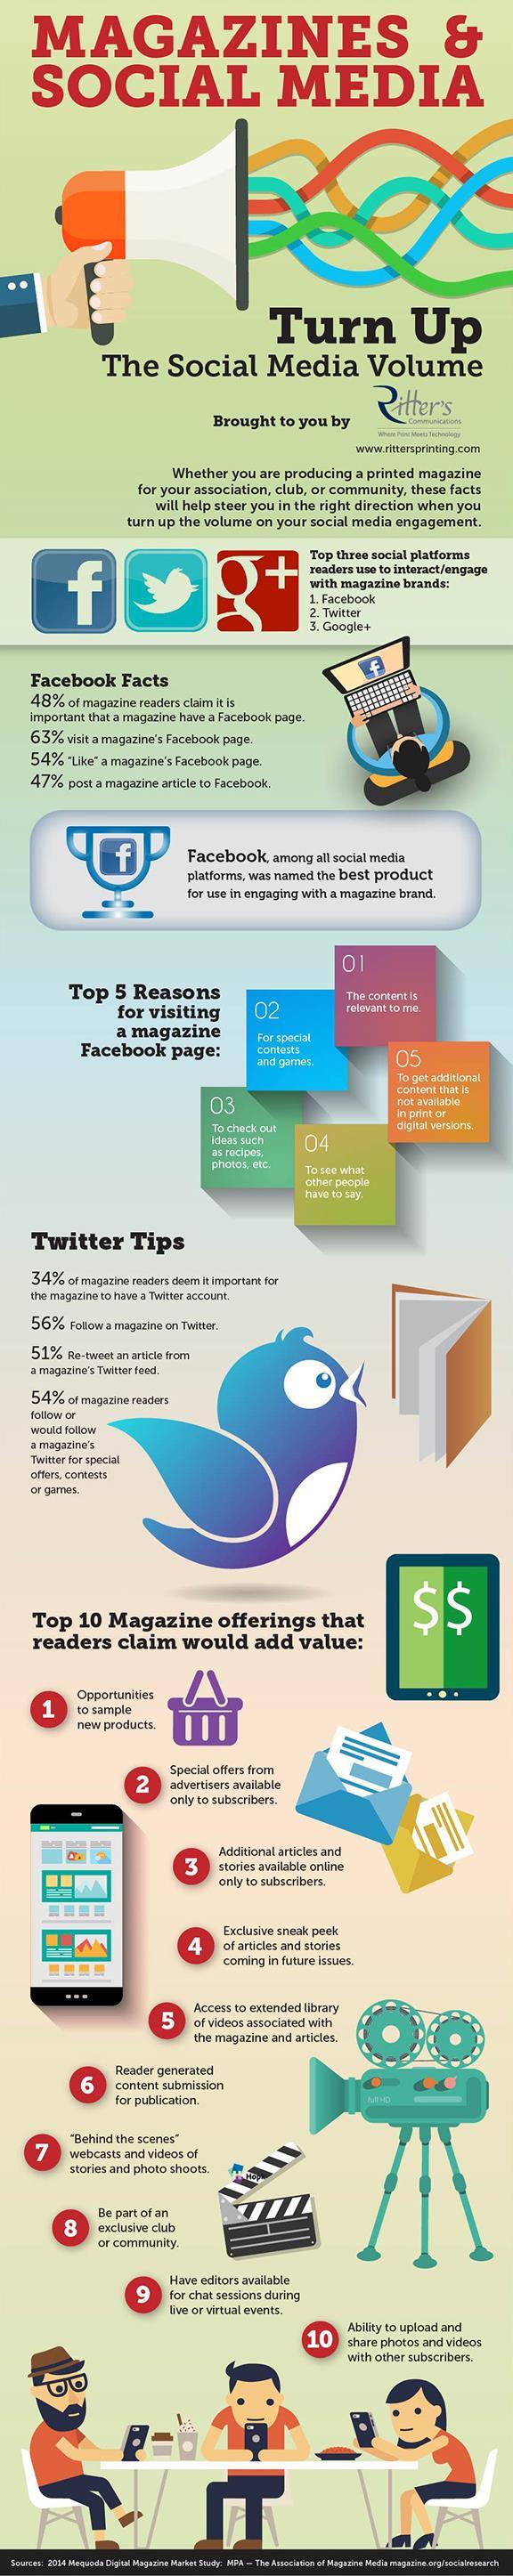 magazine-infographic.jpg